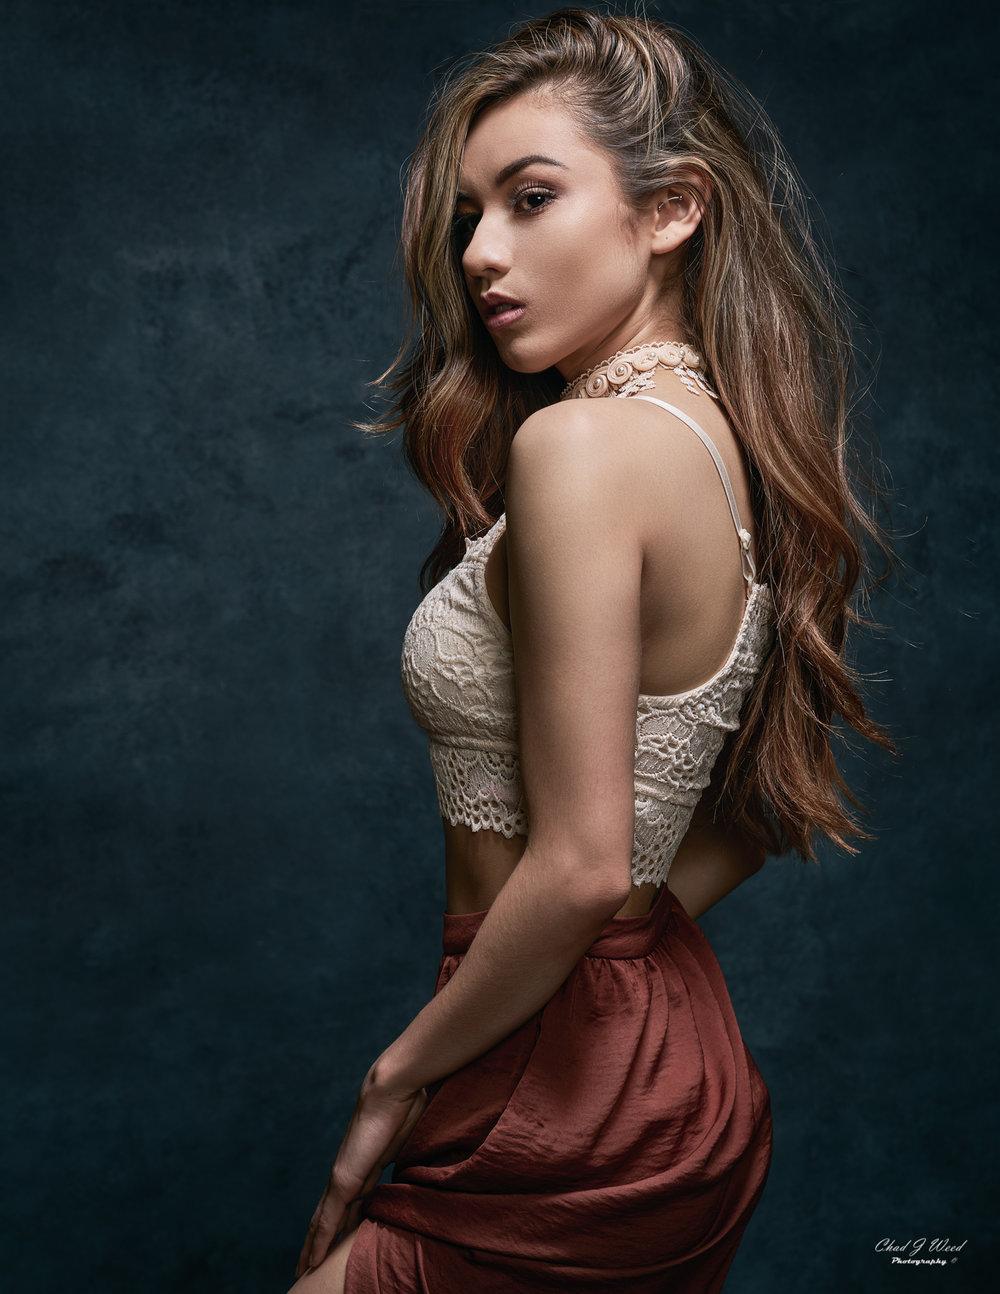 Candice-5.jpg